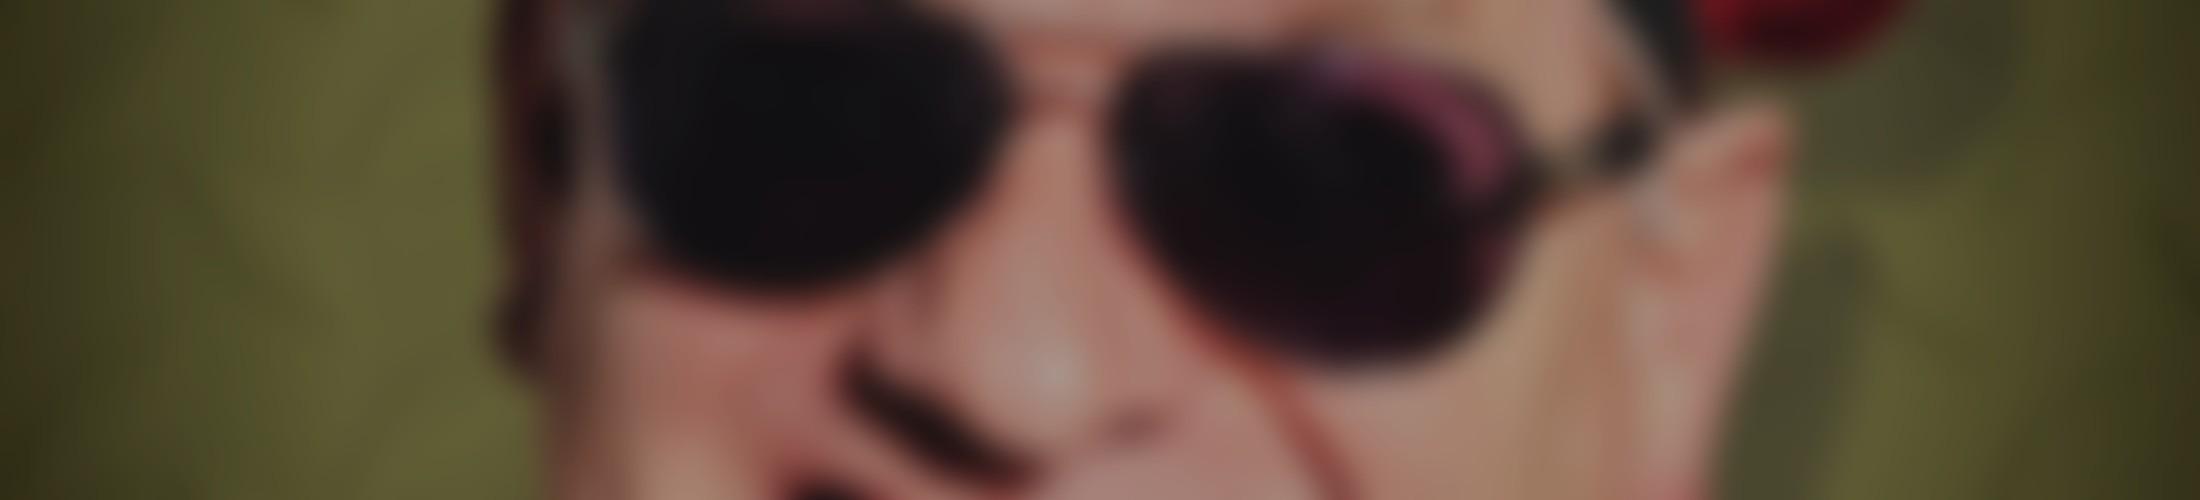 Verschwommenes und abgedunkeltes Gesicht von Ausbilder Schmidt als Hintergrund